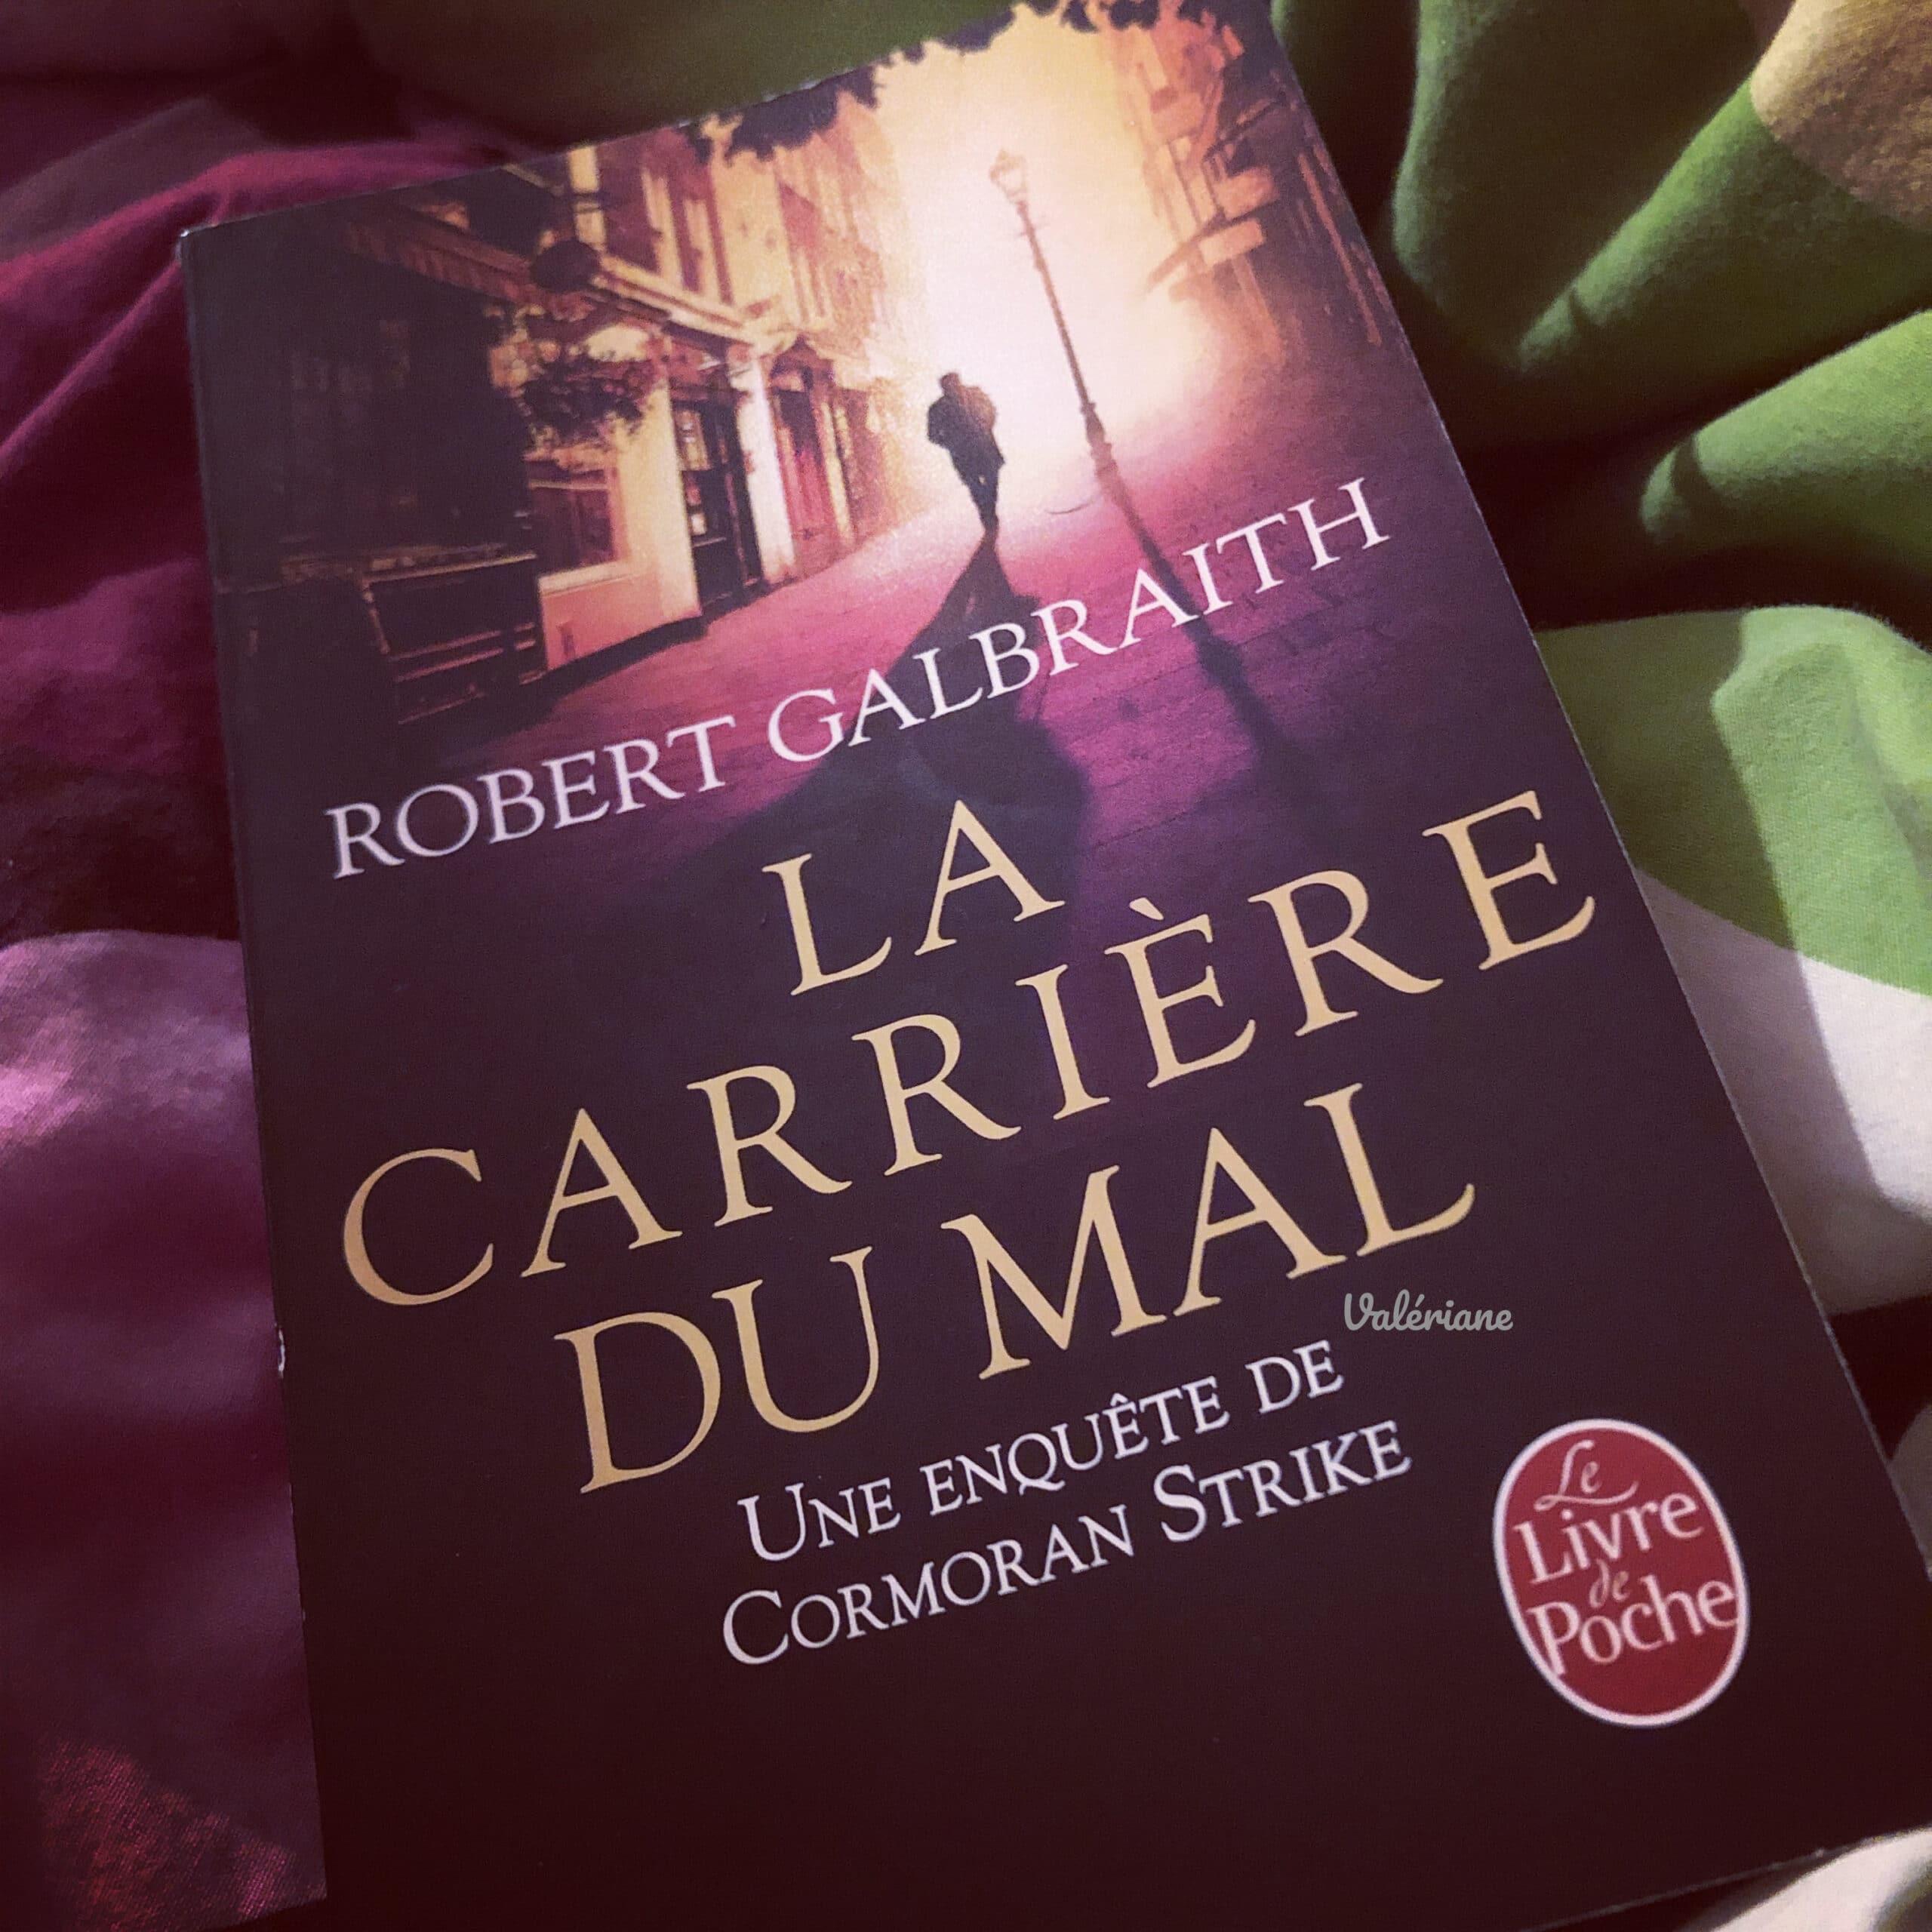 La carrière du mal de Robert Galbraith